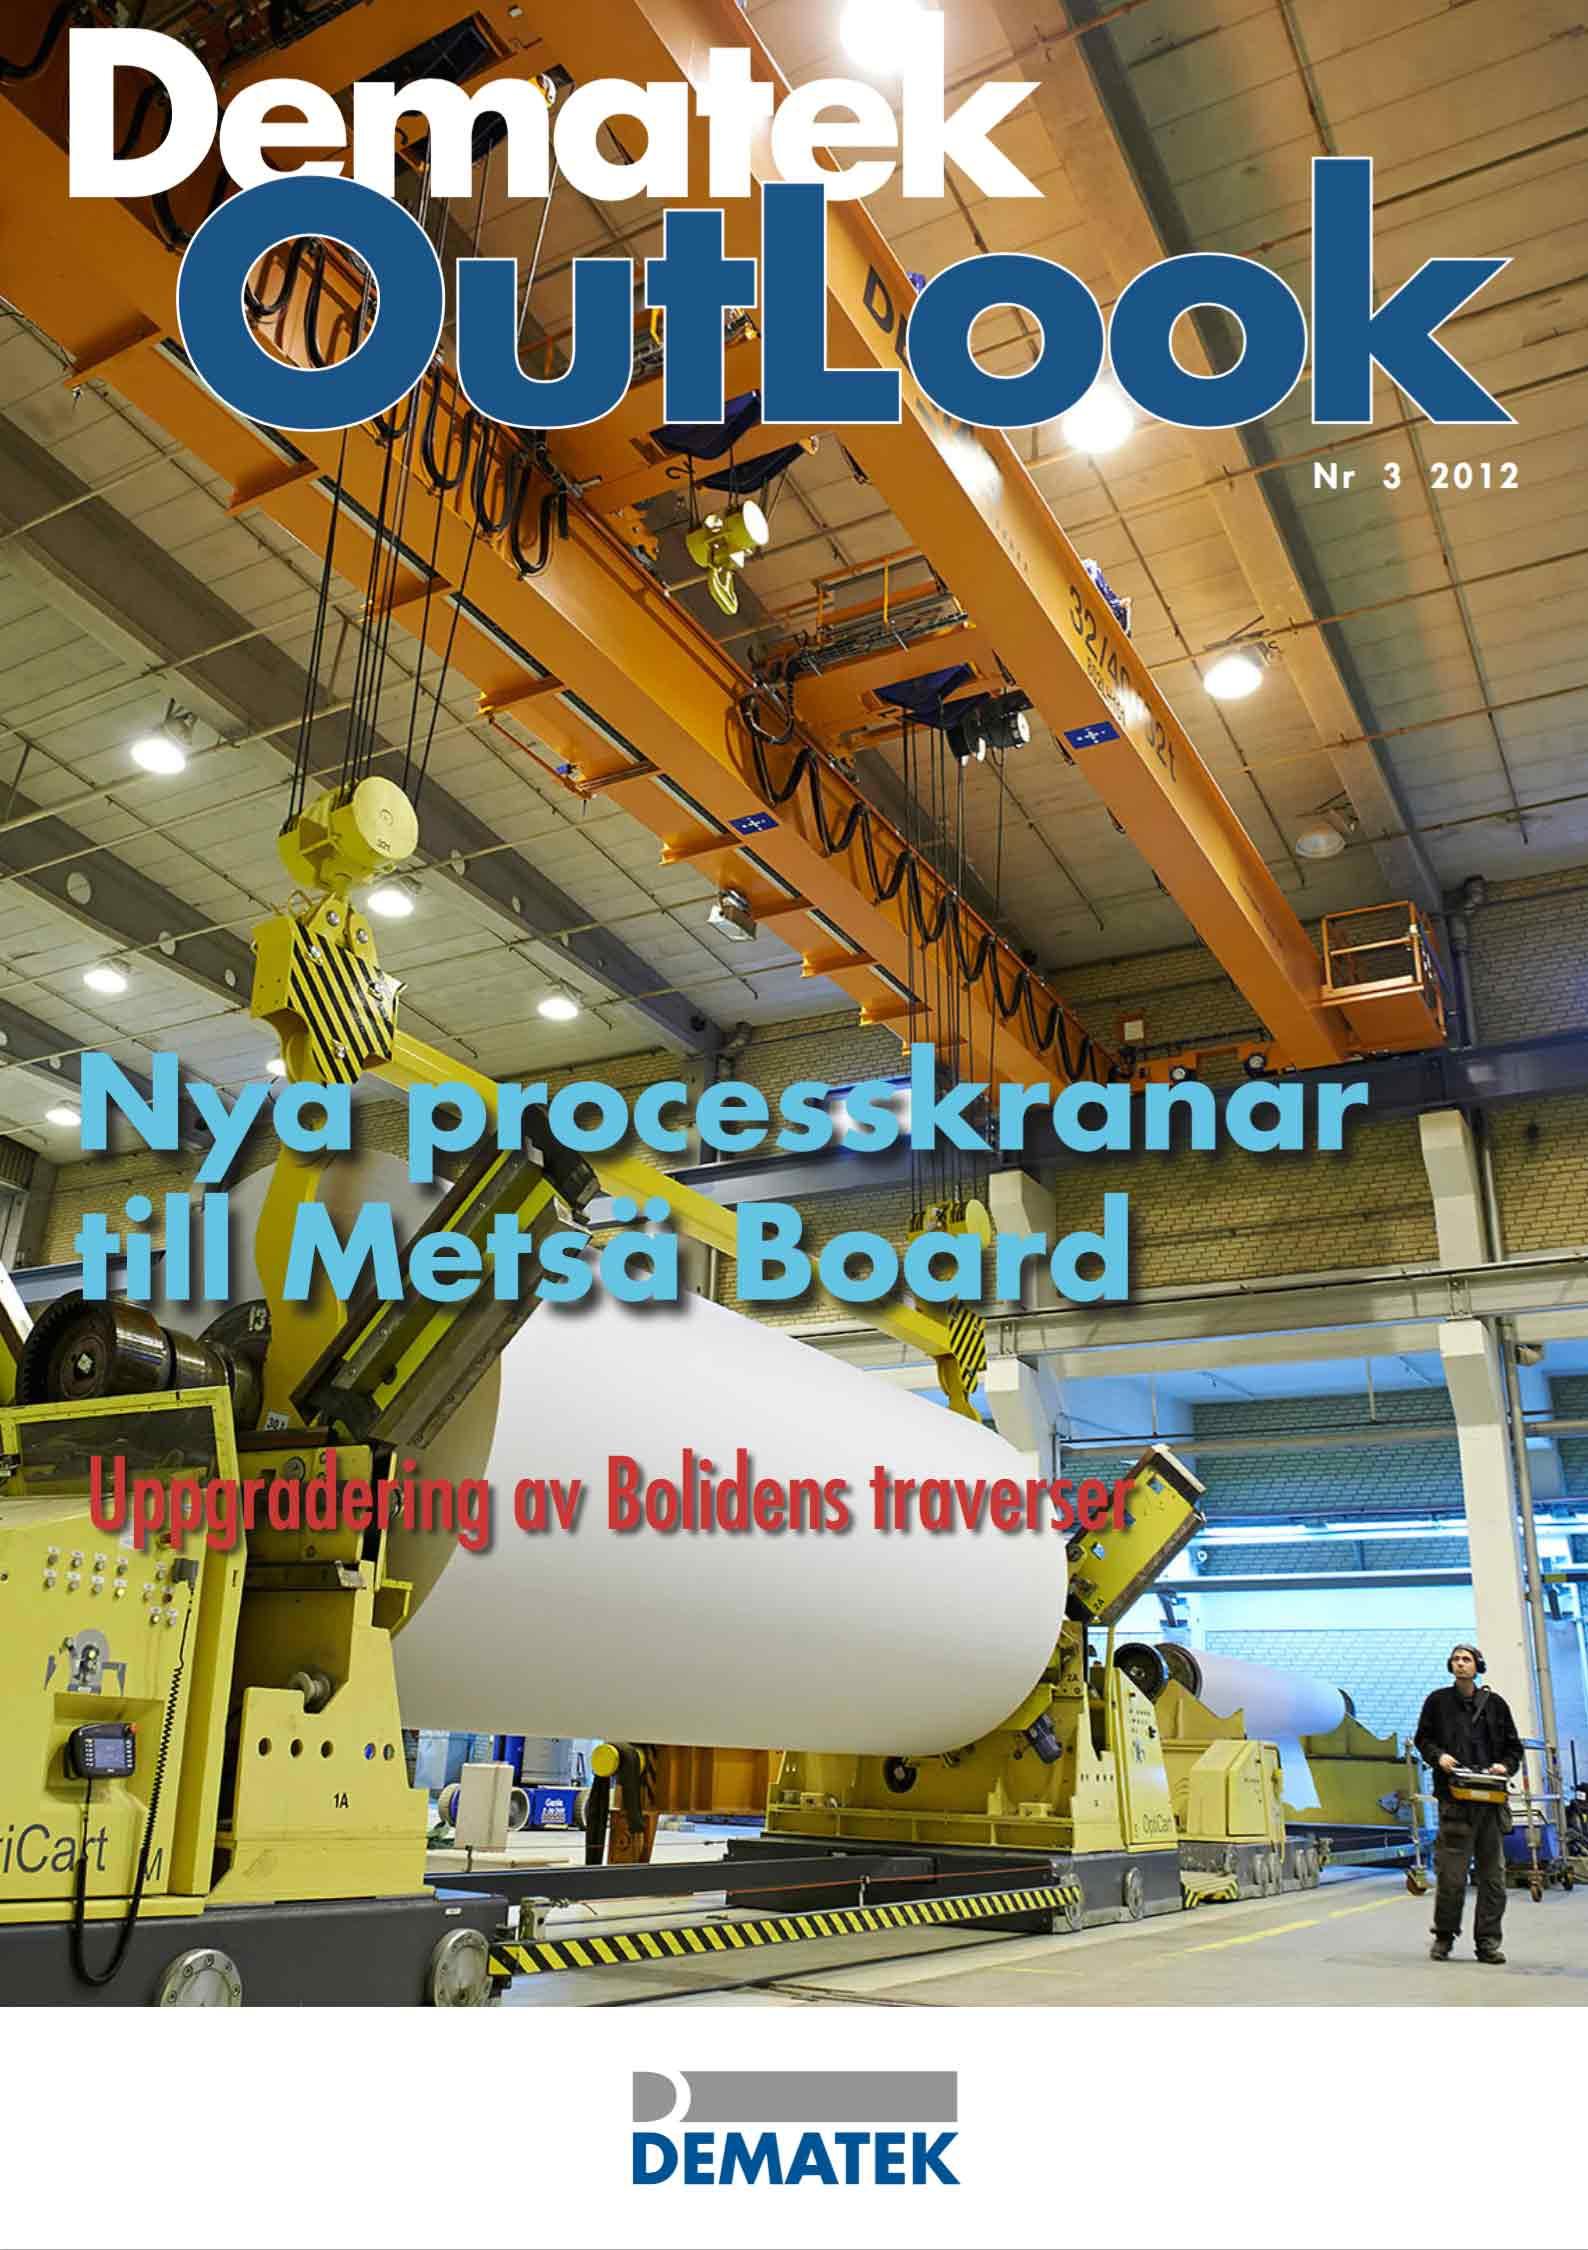 Dematek OutLook nr 3, 2012